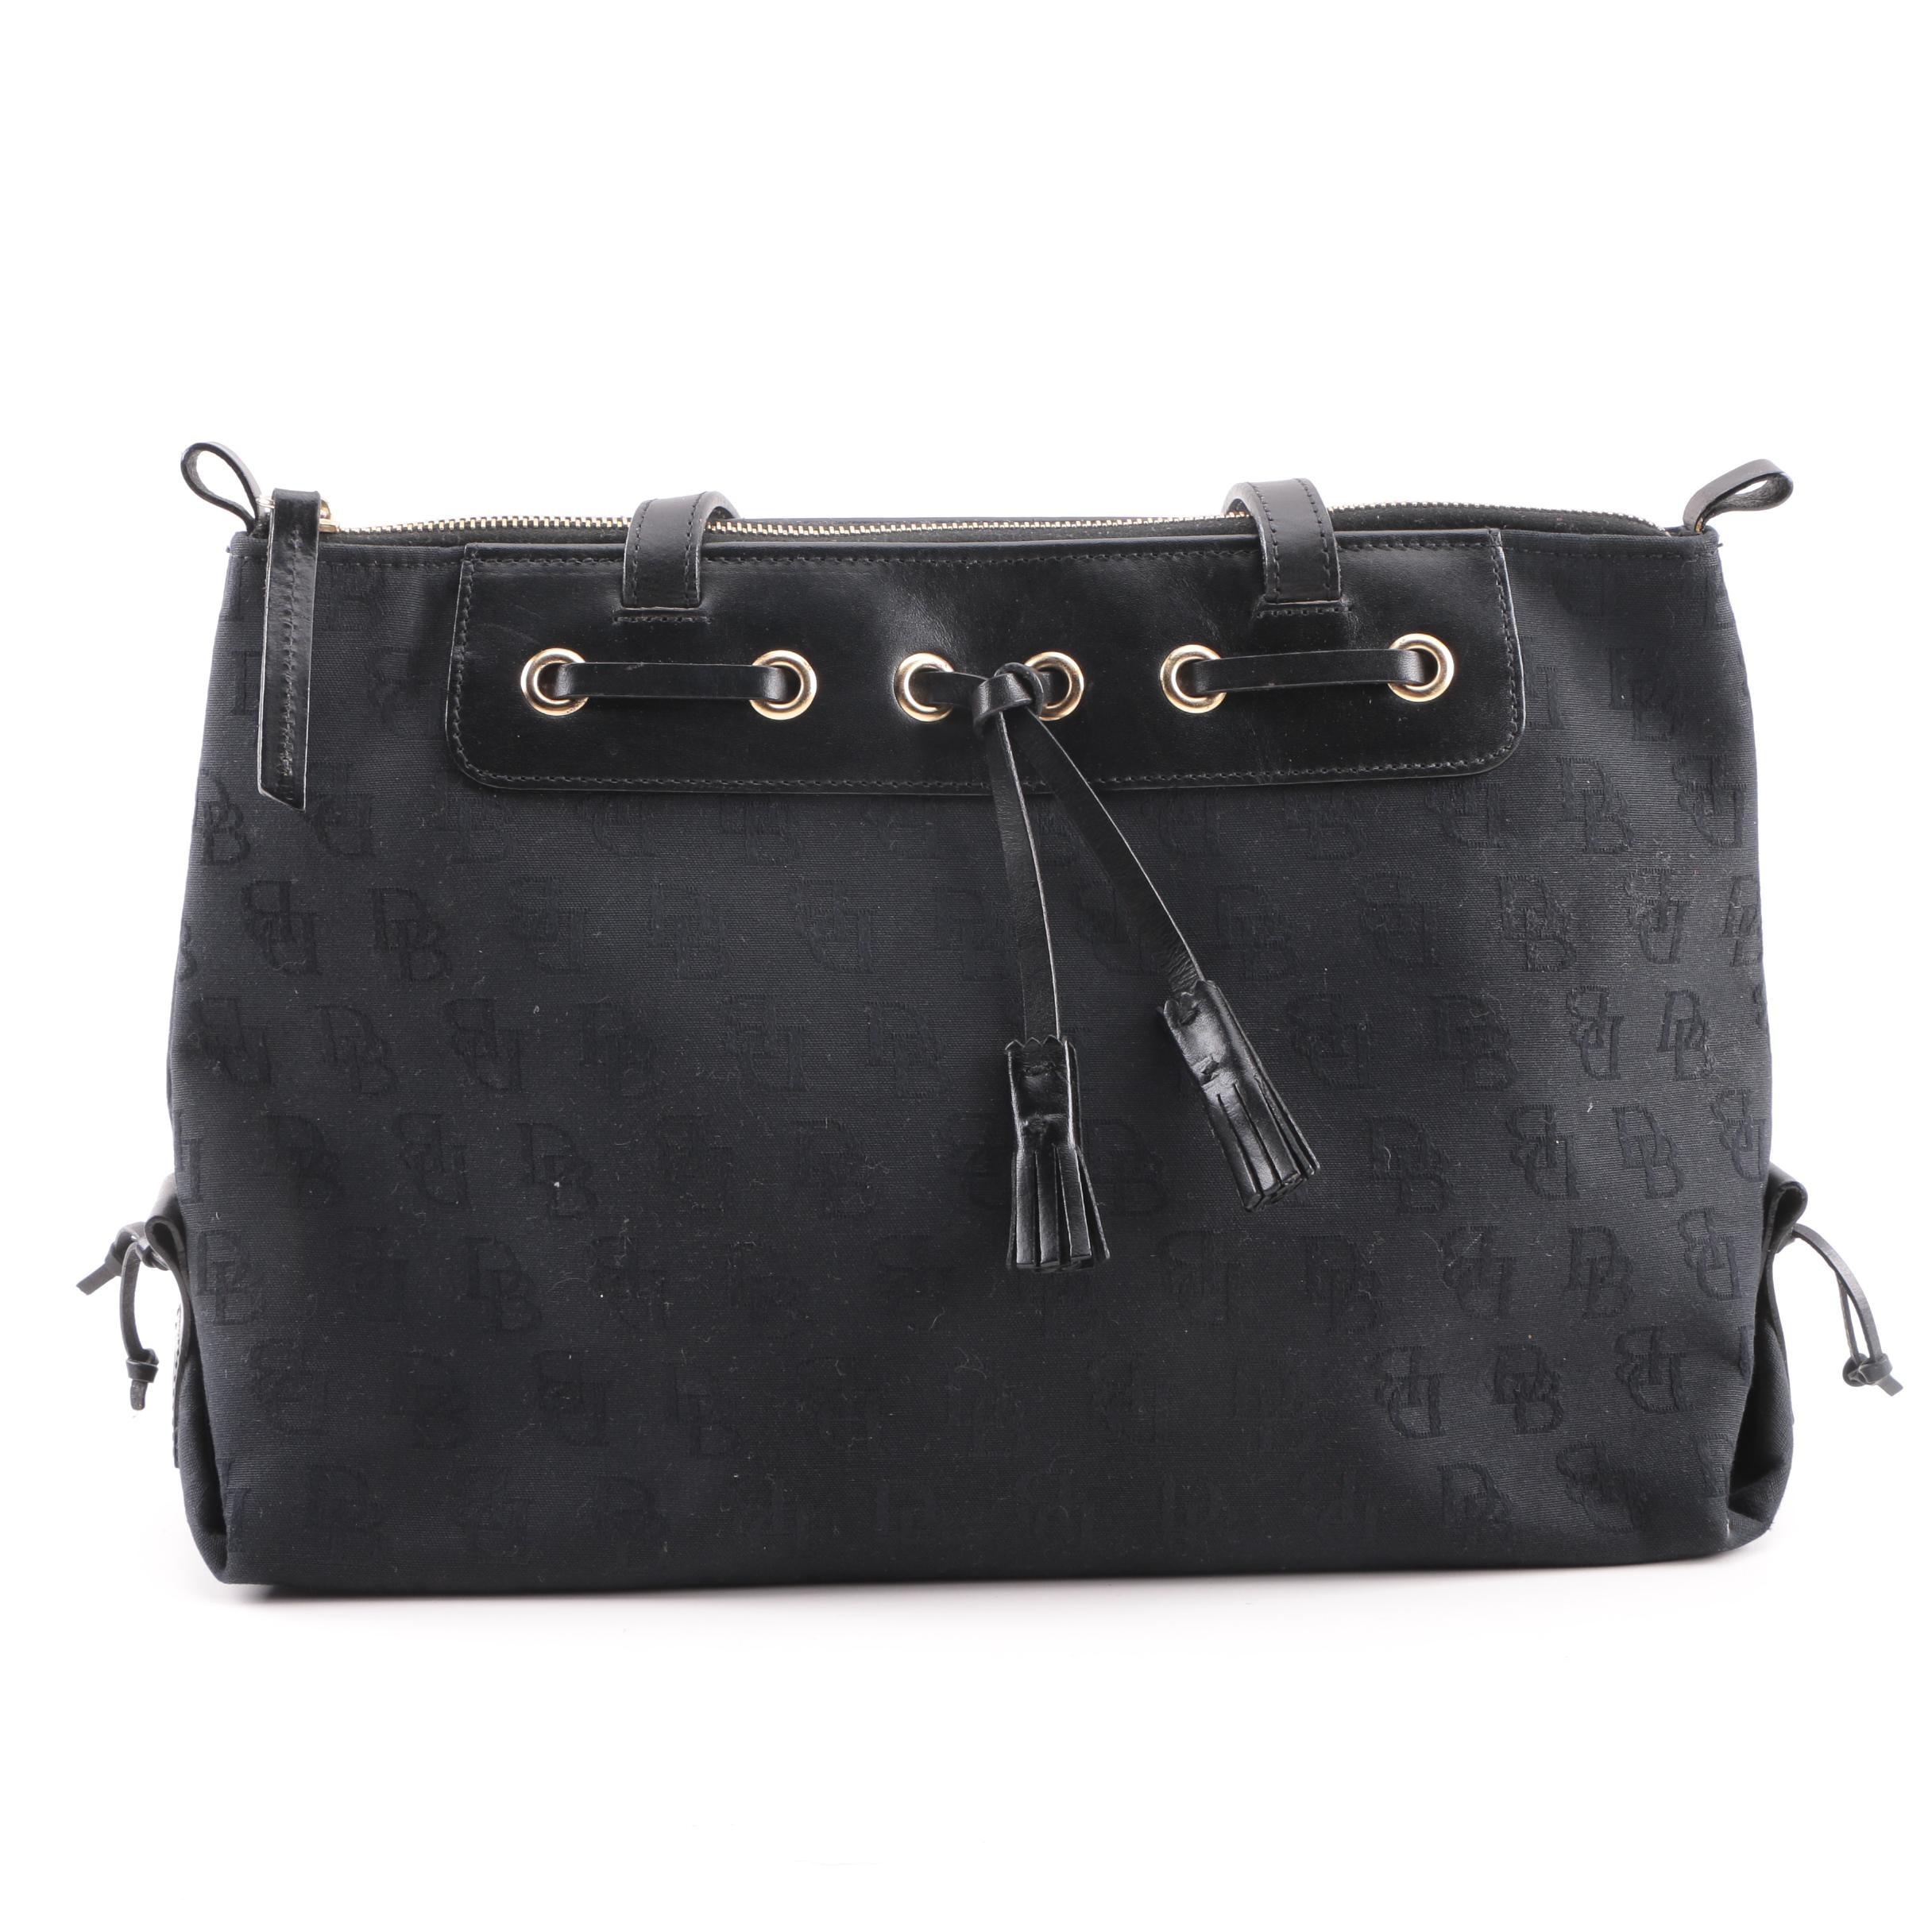 Dooney & Bourke Black Signature Canvas Tassel Shoulder Bag